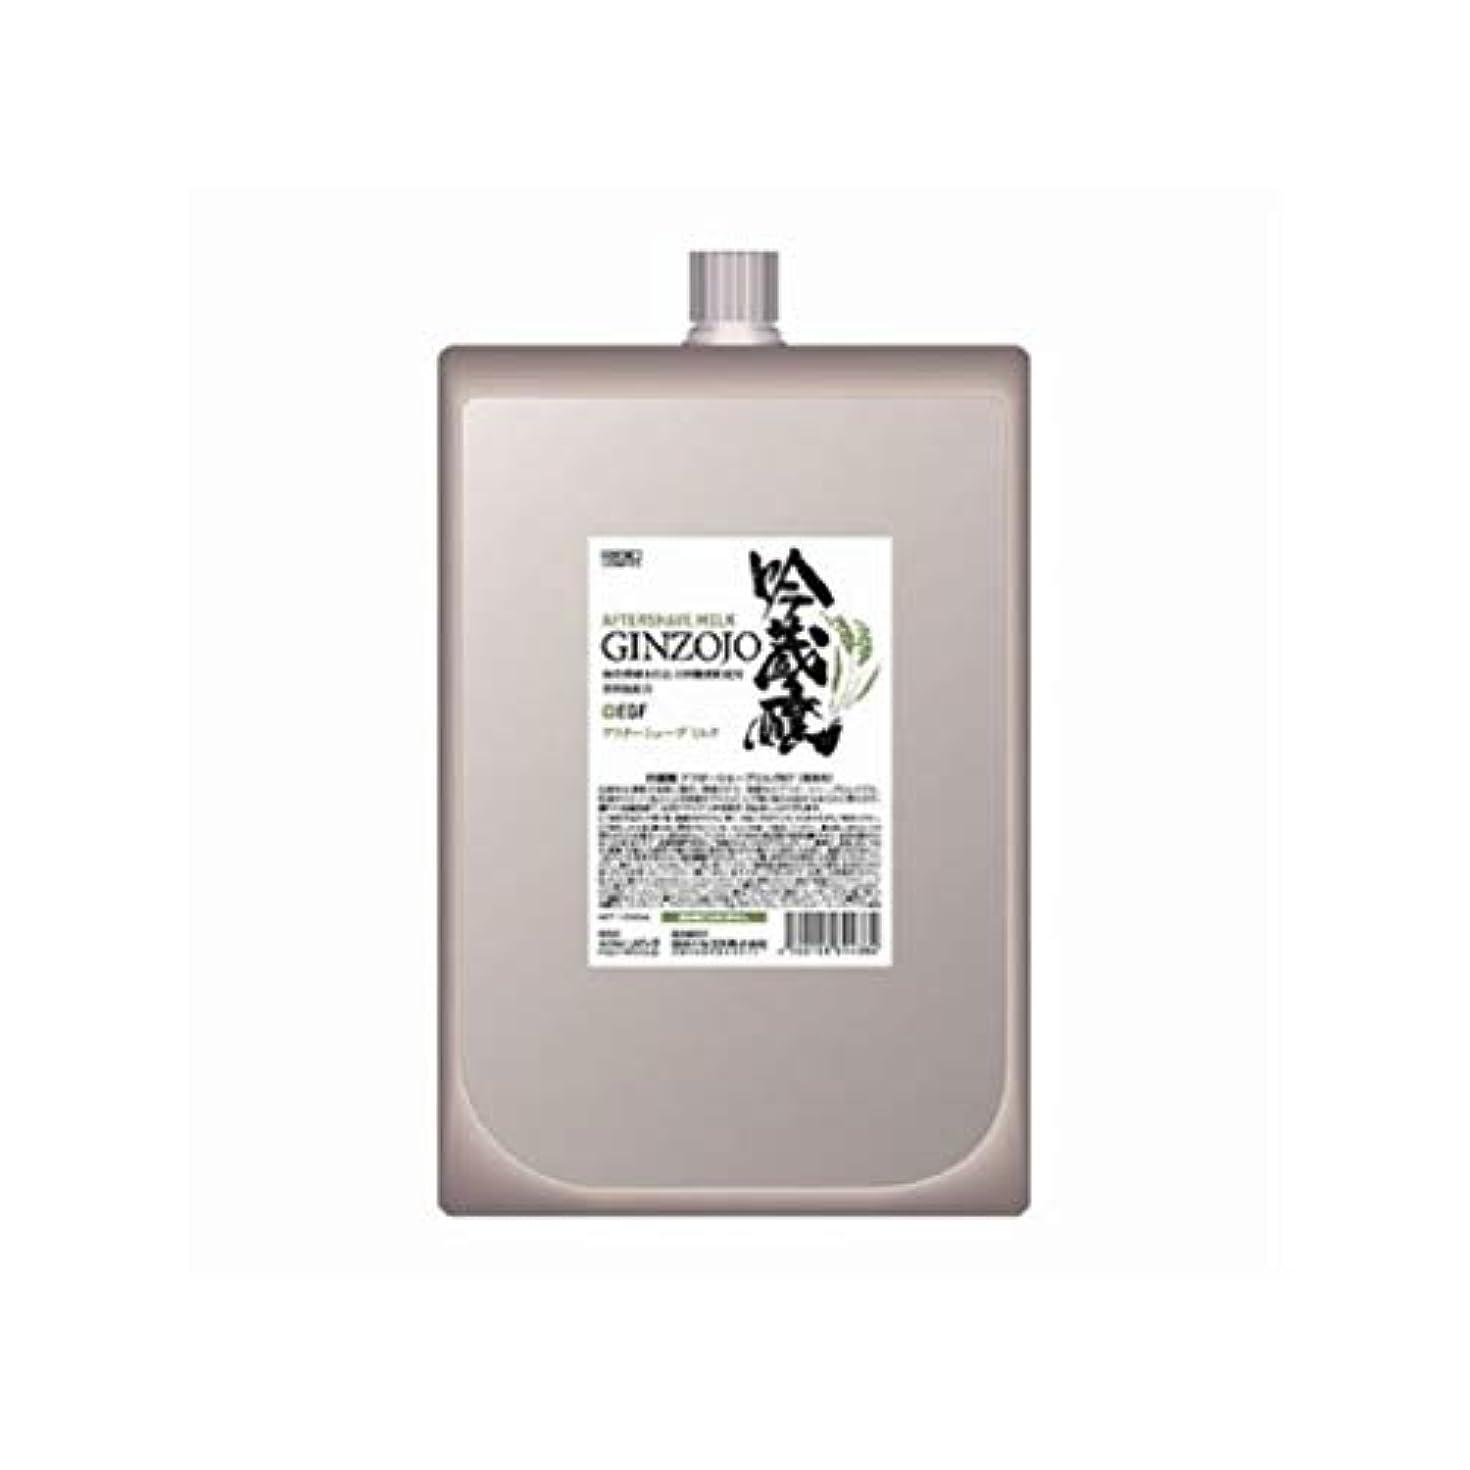 クールレーダー金額吟蔵醸 アフターシェーブミルク KF 1000ml